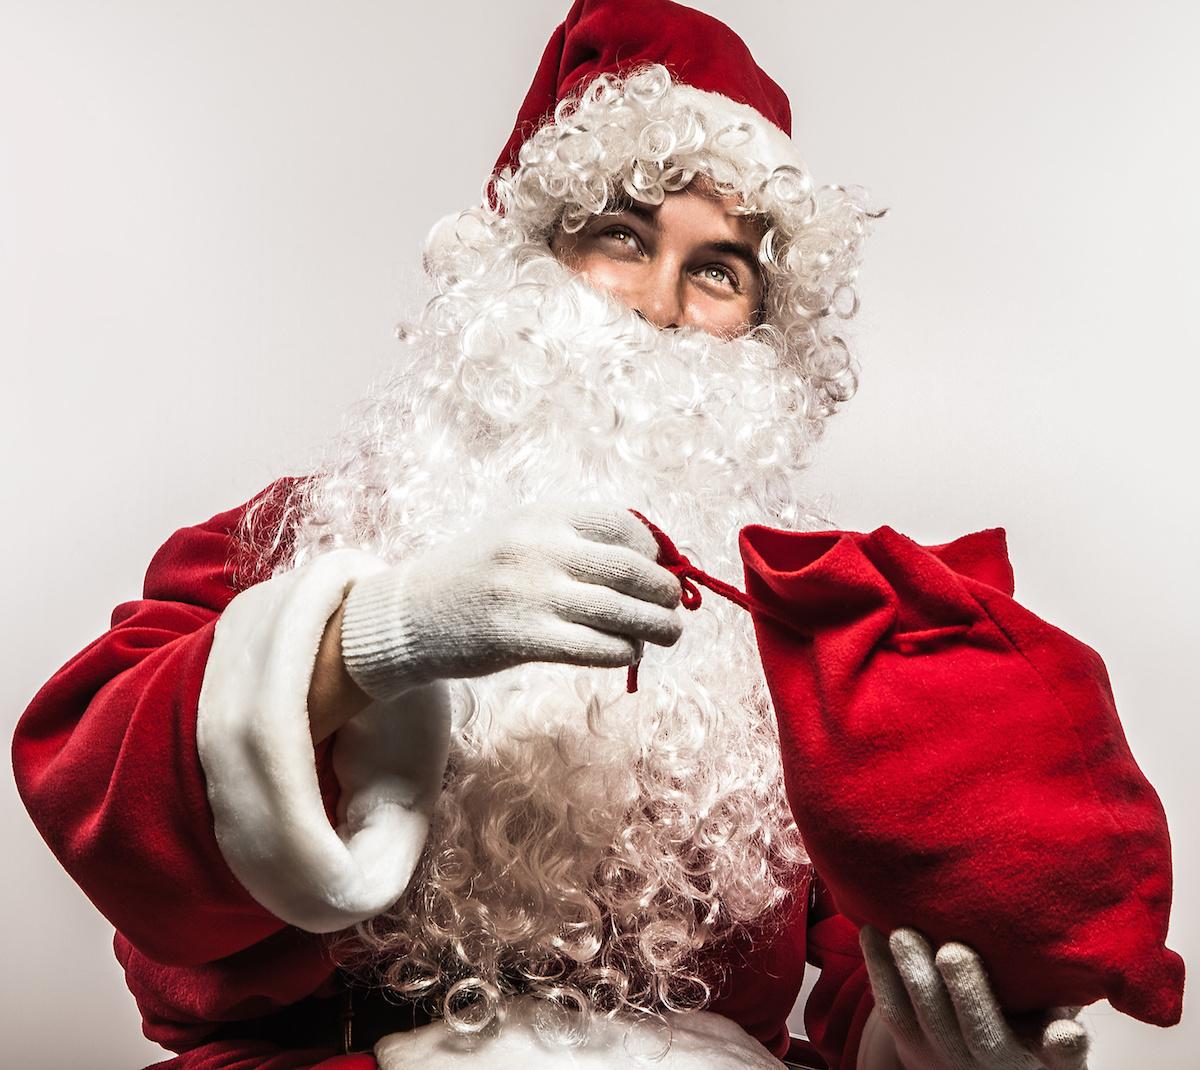 【The 24 Days of Fotolia】フォトリアから24の無料画像、クリスマスプレゼントをもれなくゲットしよう!